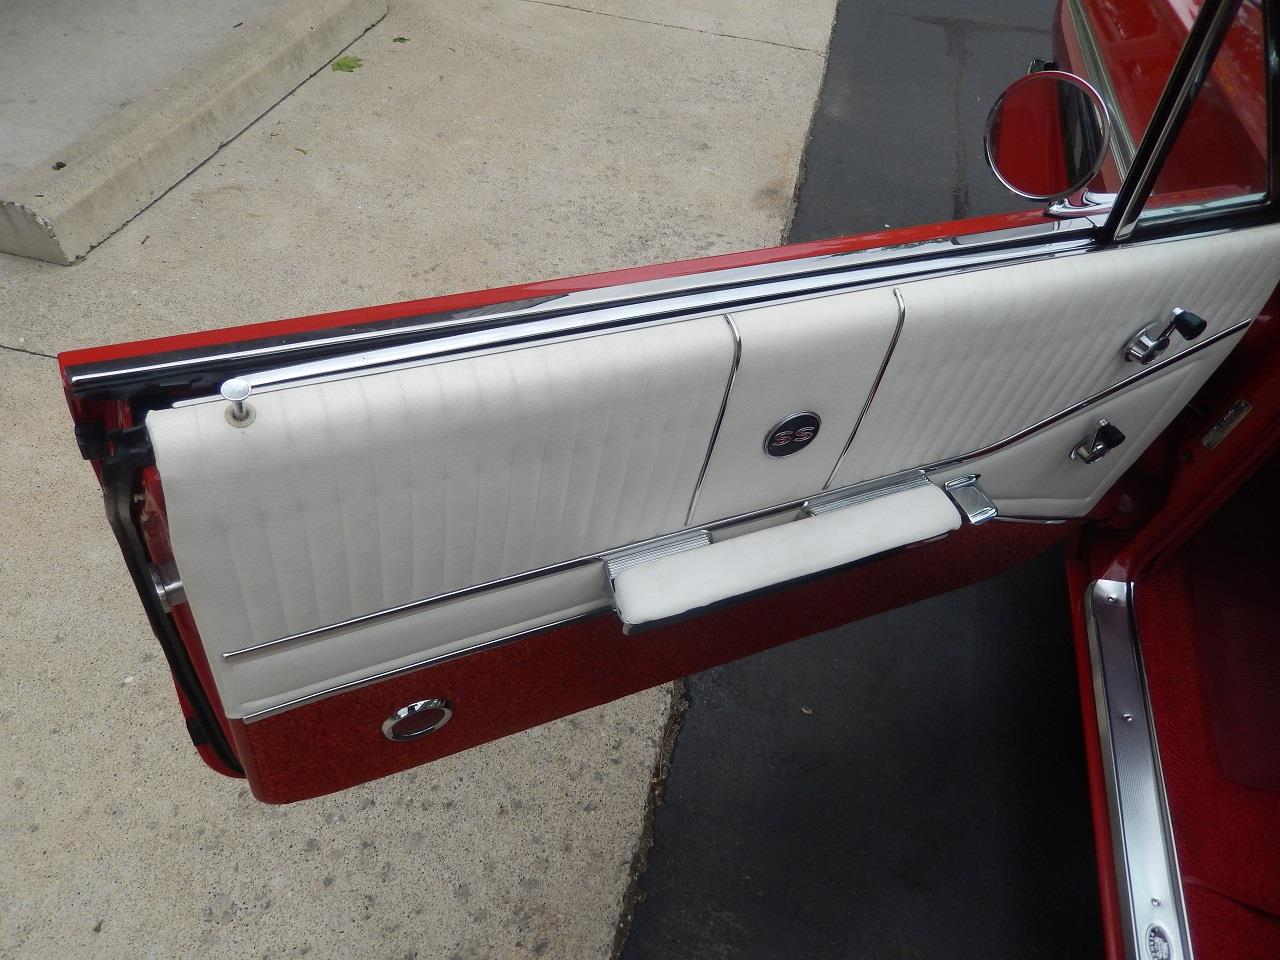 1964 Chevrolet Impala SS (CC-1221107) for sale in Clarkston, Michigan